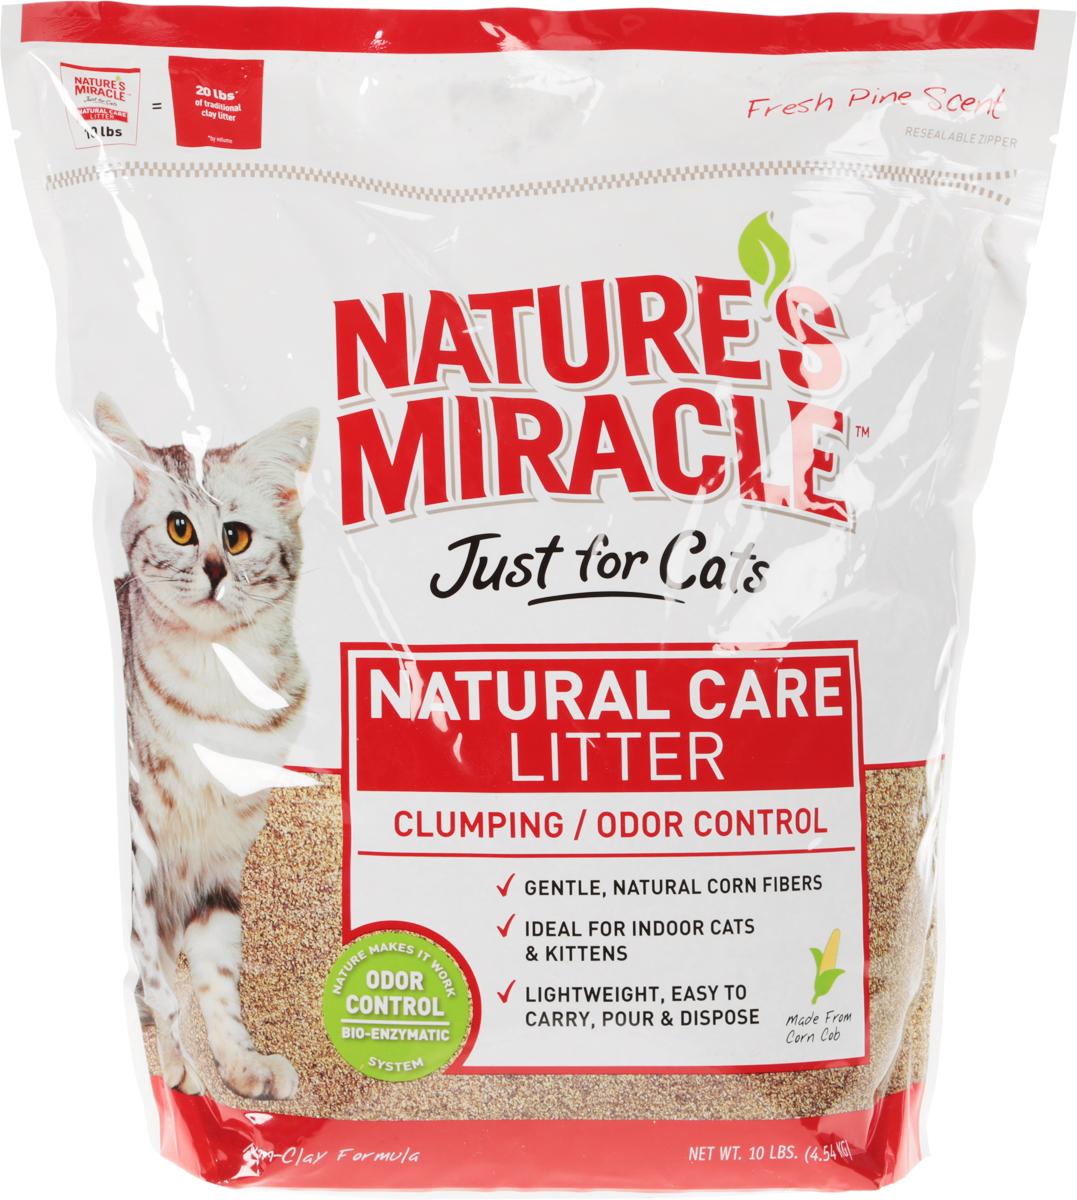 Наполнитель кукурузный для кошачьего туалета 8 in 1 Natures Miracle, комкующийся, 4,5 кг0120710Наполнитель кукурузный комкующийся для кошачьего туалета 8 in 1 Natures Miracle достаточно мягкий для вашей кошки или котенка и уничтожает все неприятные запахи. Благодаря био-энзимной системе контроля запахов, формула начинает уничтожать запахи мочи, фекалий и аммиака в момент их возникновения, препятствуя их распространению по всему дому, и продолжает действовать, пока запах не будет полностью устранен. Натуральные кукурузные гранулы абсорбируют в 4 раза больше жидкости, чем бентонитовые наполнители, быстро комкуются, чтобы связать запах, и быстро высыхают для предупреждения следов от лап. Нетоксичная формула и просеивание гранул наполнителя делают его очень мягким, приятным для лапок и безопасным в случае ран или царапин на подушечках. Кукурузный наполнитель 8 in 1 Natures Miracle не содержит глину и красителей, обладает естественным хвойным запахом и практически не пылит, чтобы обеспечить здоровую среду около кошачьего туалета.Способ применения: Насыпьте в кошачий туалет наполнитель слоем 5-8 см. Ежедневно убирайте комочки наполнителя и фекалии животного для максимальной свежести и контроля запаха. Добавляйте необходимое количество наполнителя до уровня 5-8 см. Раз в неделю или в случае загрязнения лотка вымойте его, высушите и заполните свежим наполнителем. Обязательно мойте руки после уборки кошачьего туалета. Некоторых кошек нужно приучать к новым наполнителям. Постепенно смешивайте кукурузный наполнитель со старым наполнителем до полного перехода на него.Состав: дробленые кукурузные початки, натуральные ферменты. Товар сертифицирован.